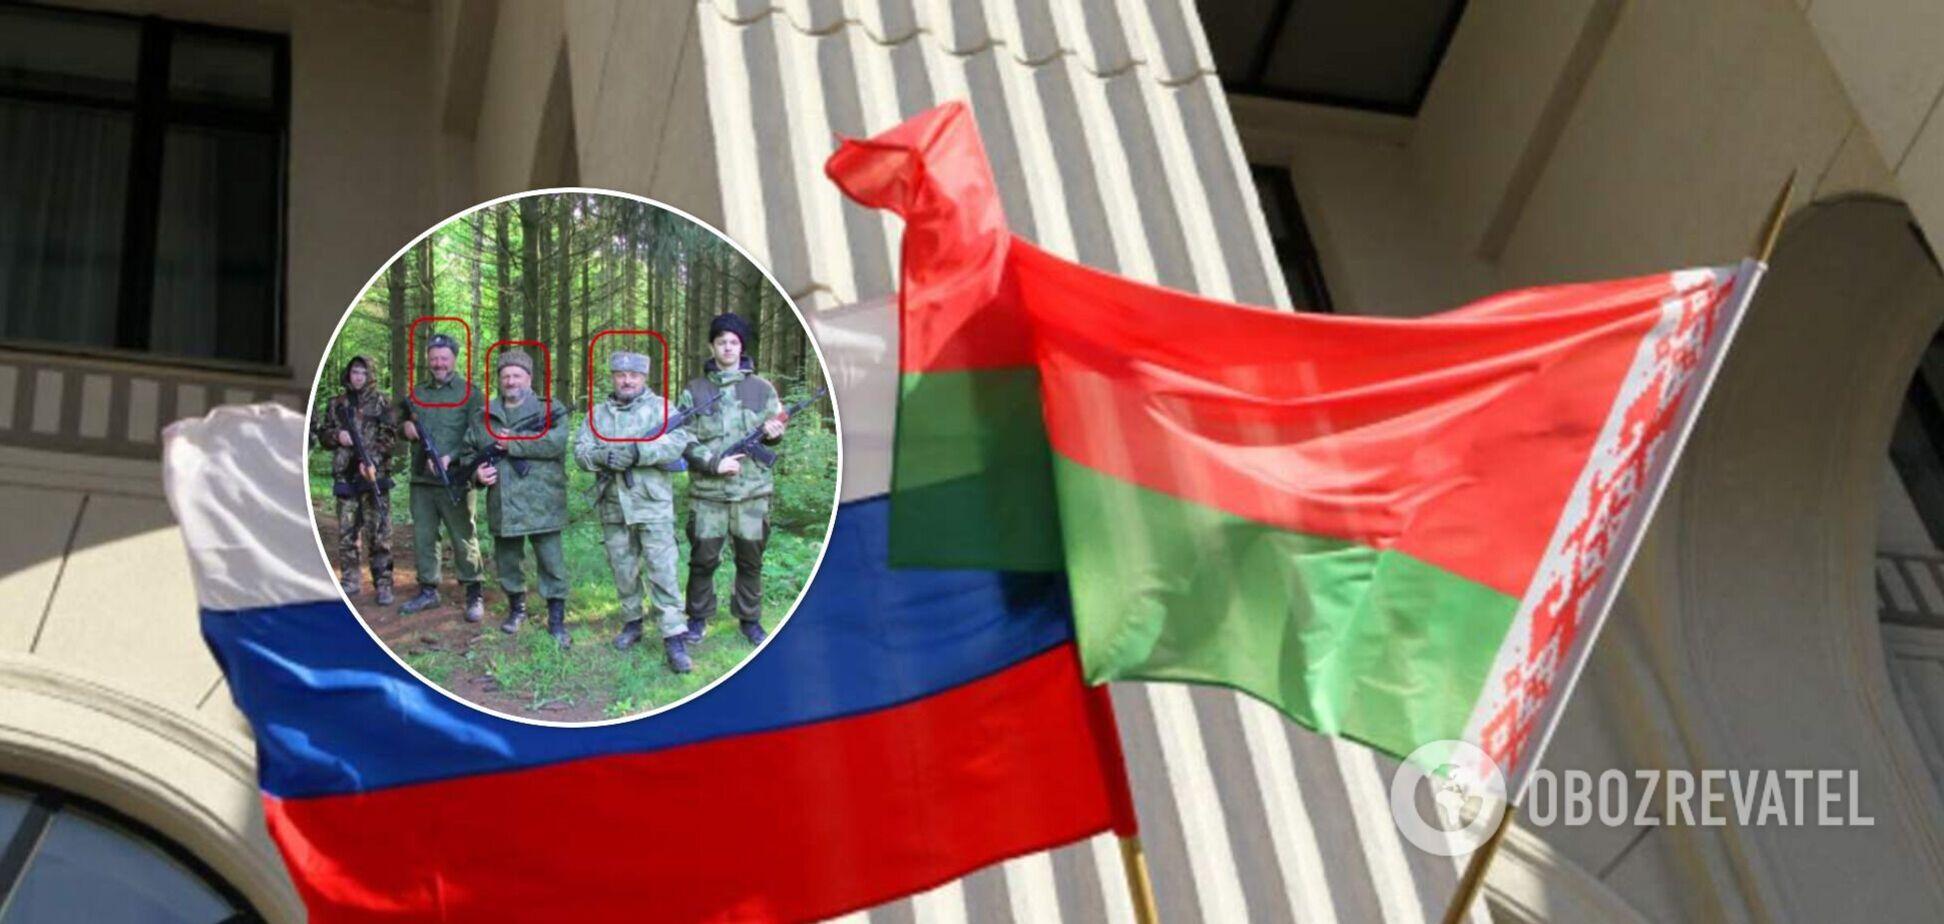 Собрания 'казацкой молодежи' назвали признаком угрозы оккупации Беларуси